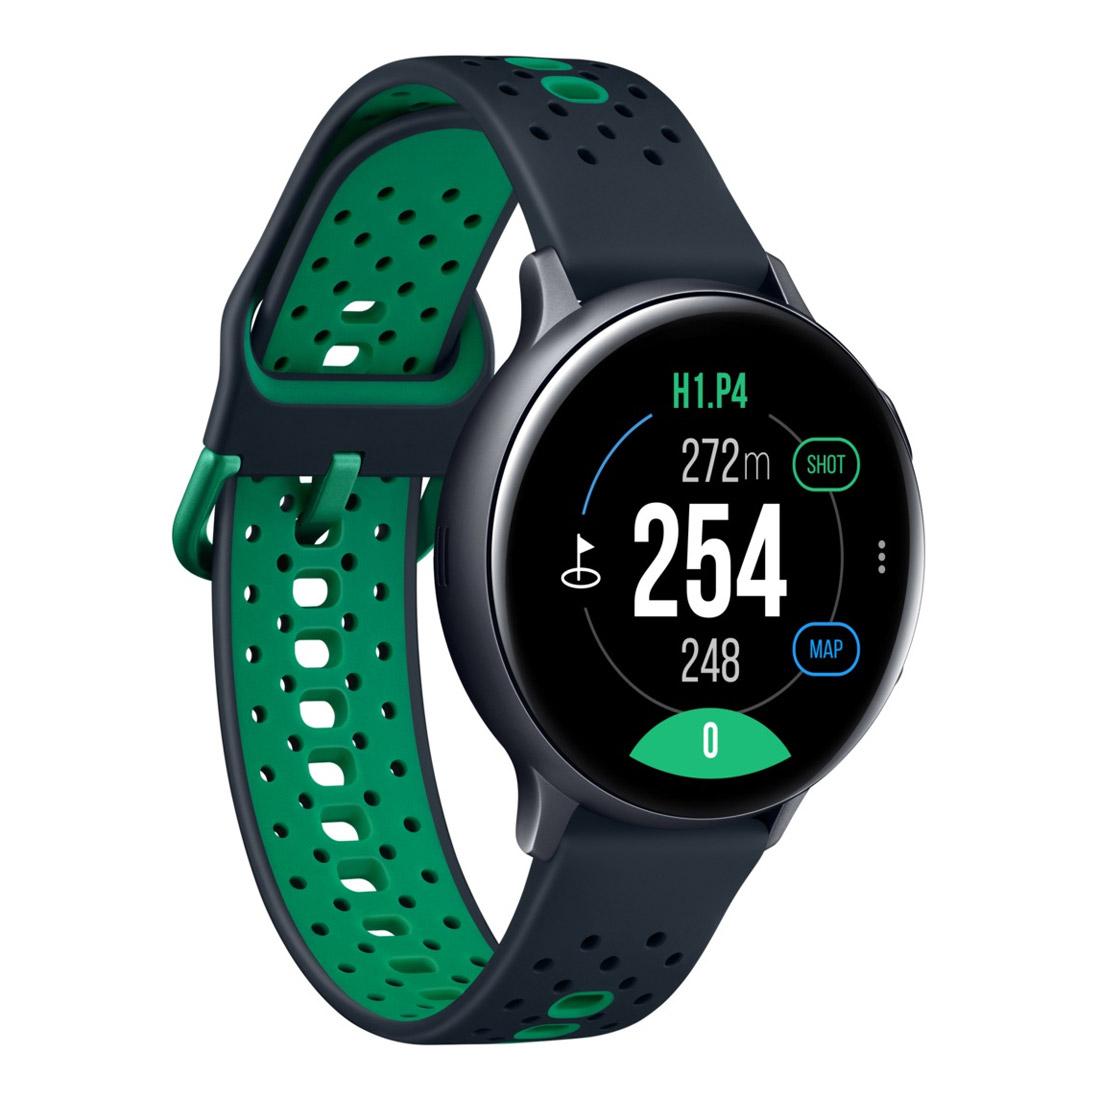 Samsung Galaxy Watch Active 2 Golf Edition 44mm Bluetooth - Aqua/Black